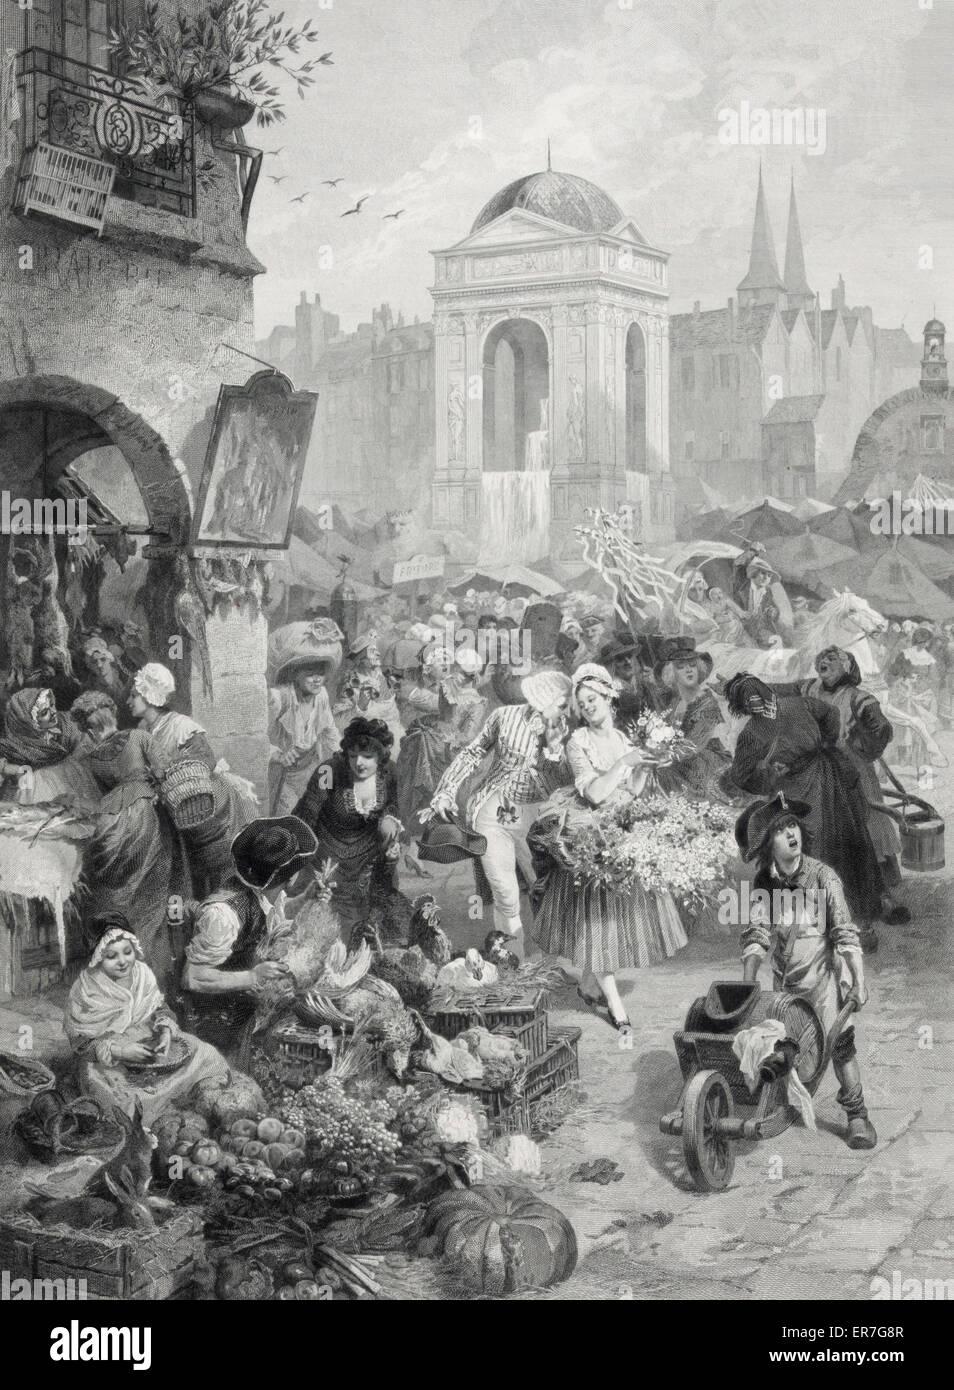 La fontaine des innocents au 18 Siecle. Date c1878. Stock Photo